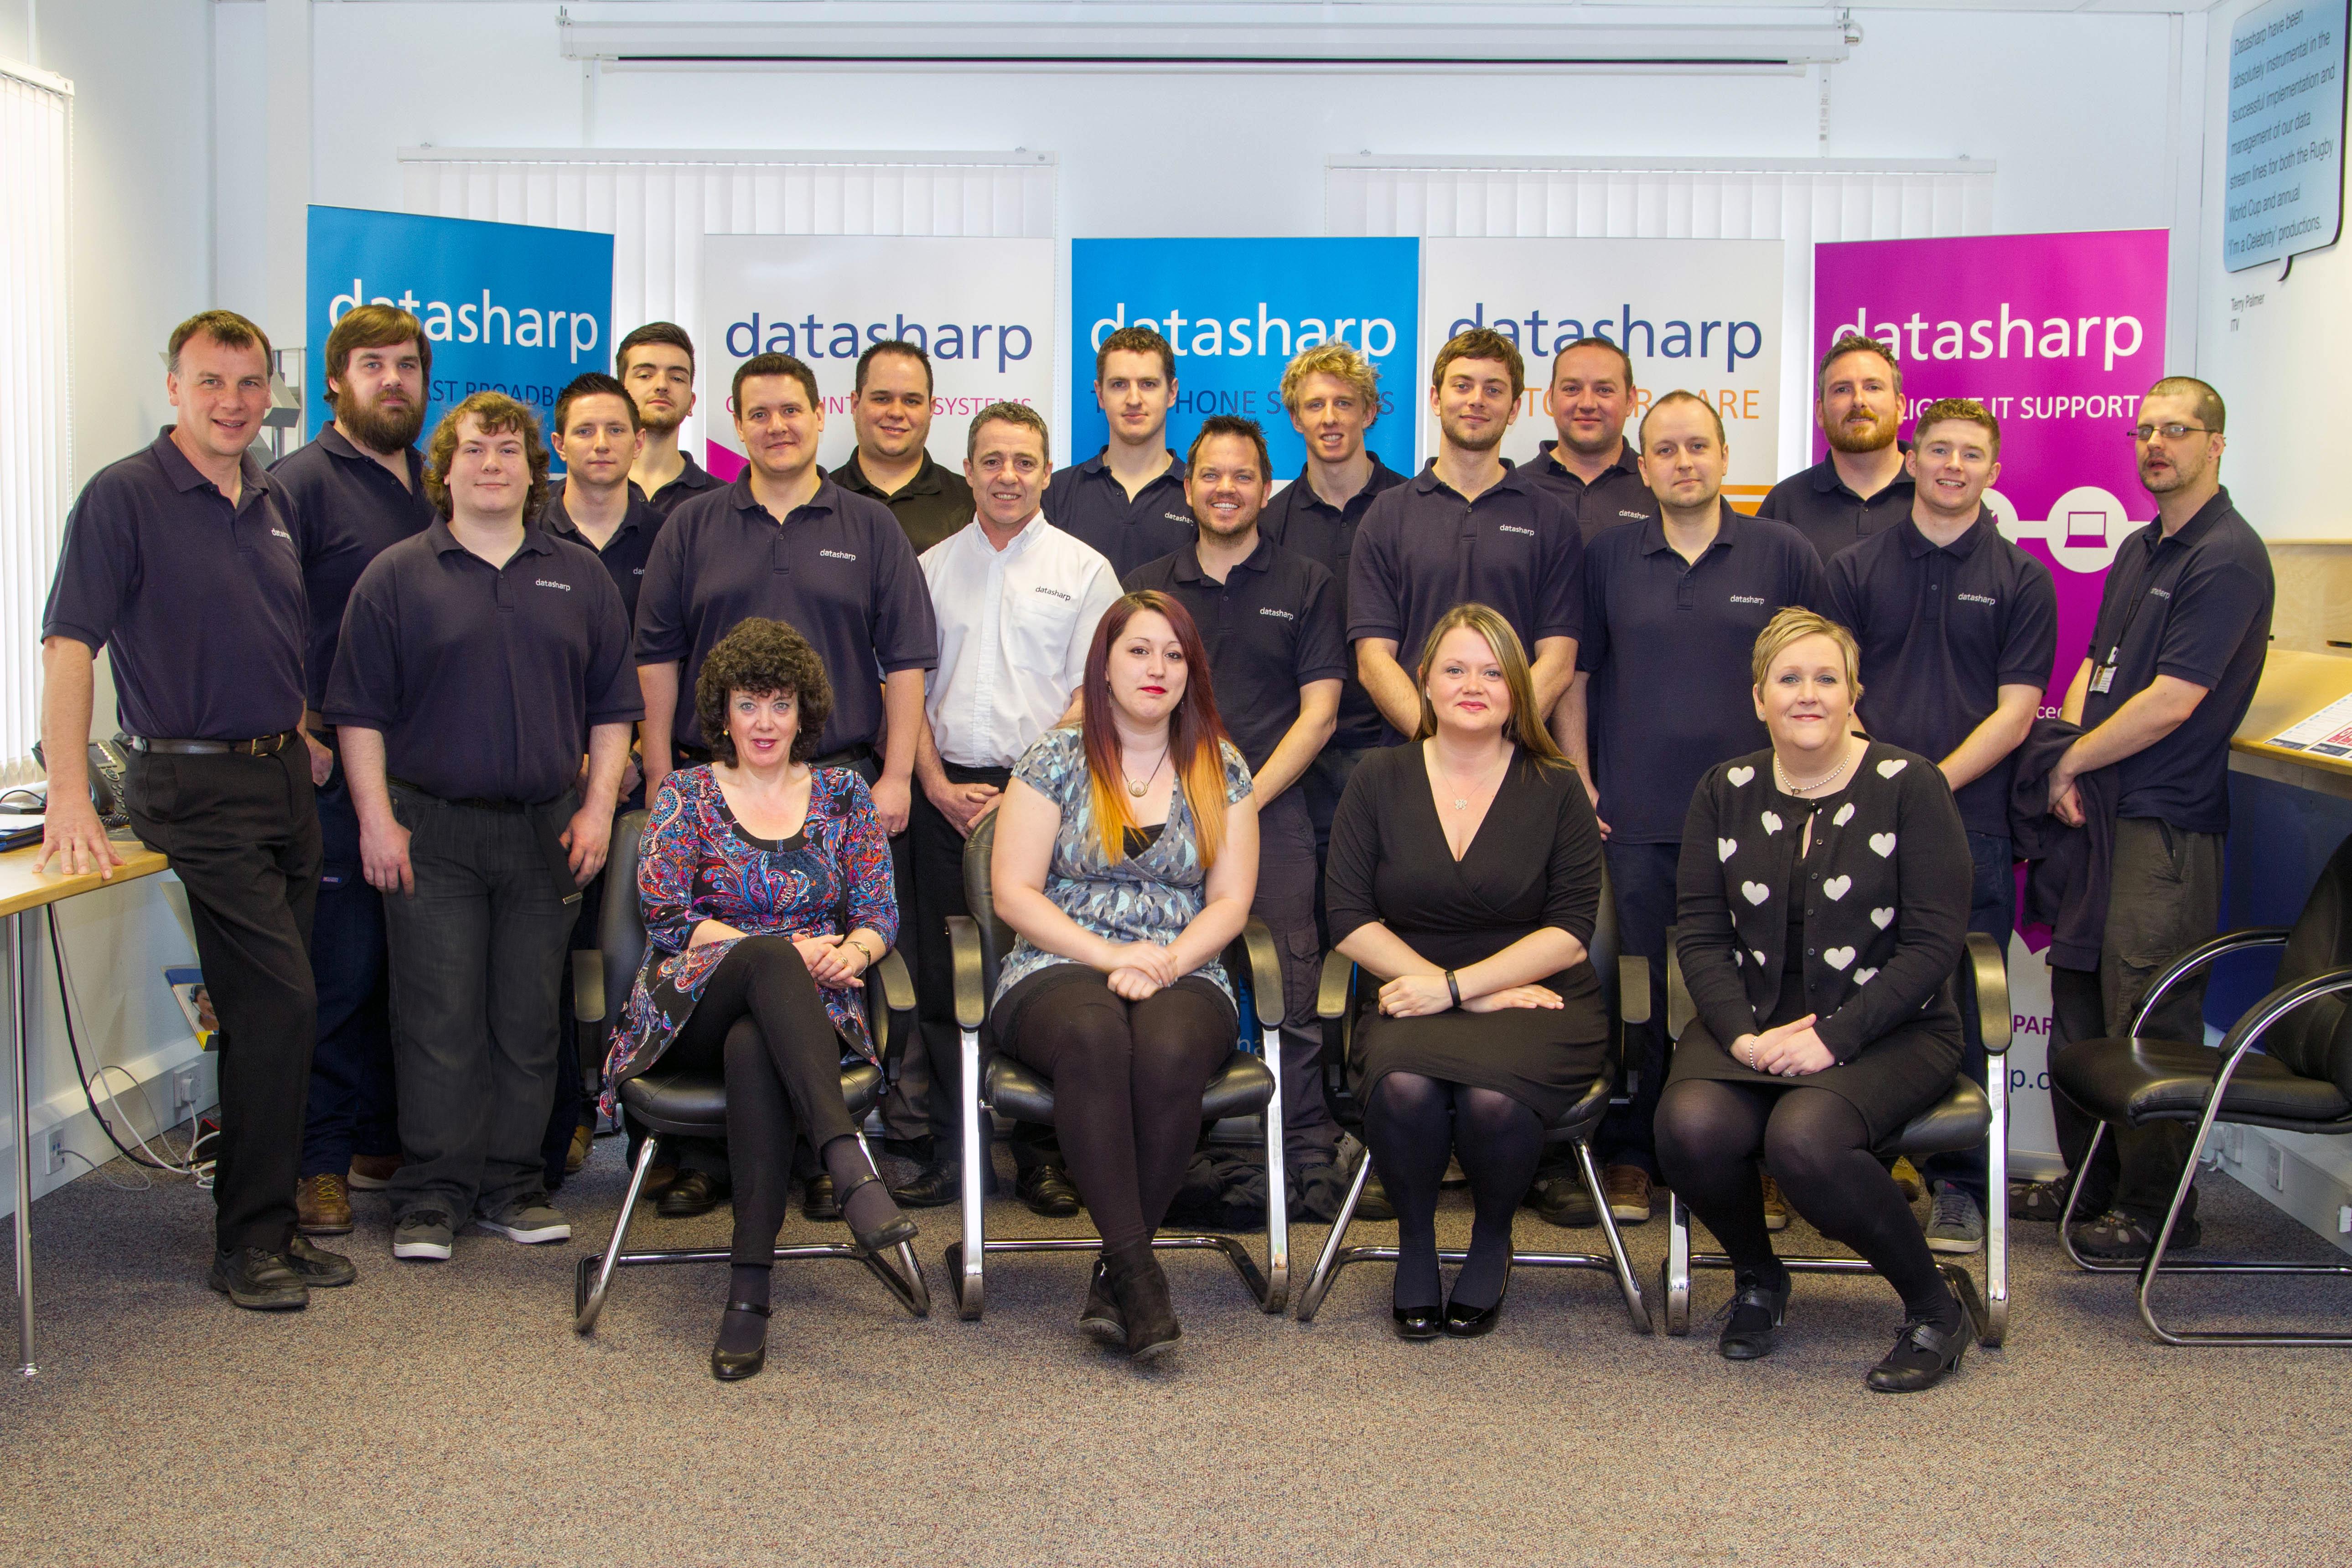 Datasharp Support Team